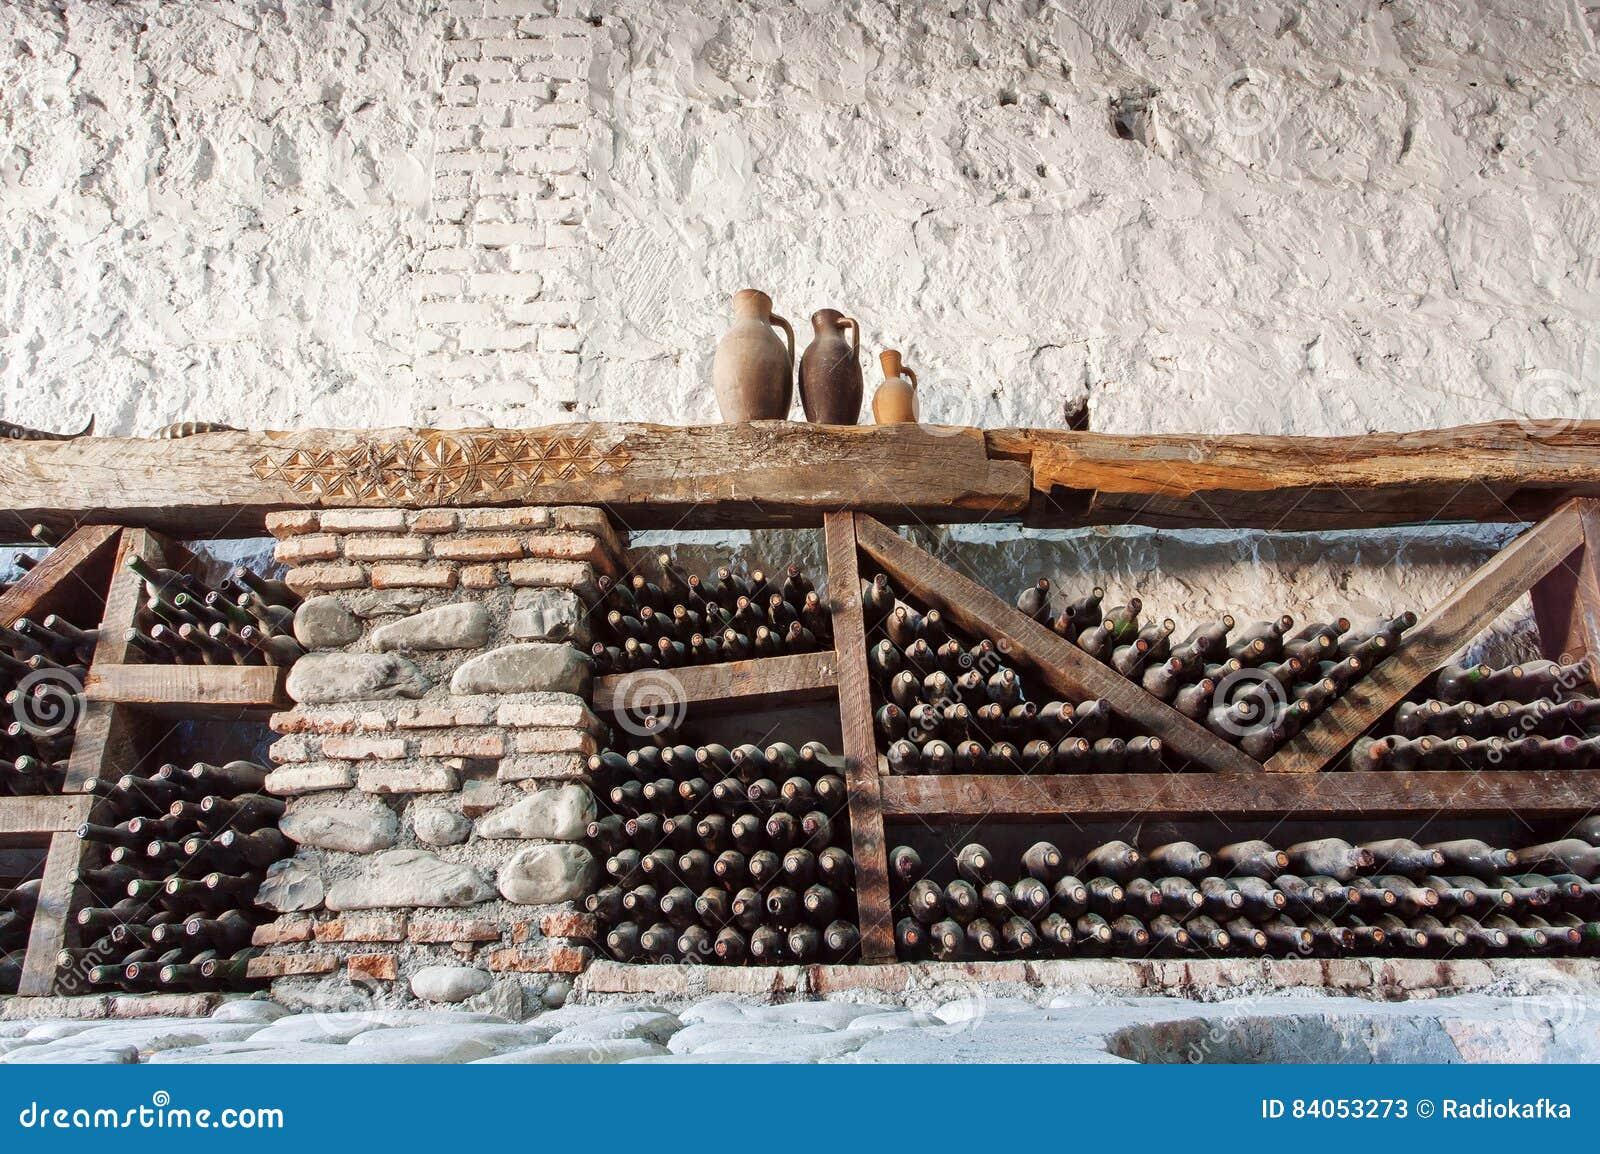 Pareti Con Bottiglie Di Vetro : Vecchia cantina con molti bottiglie di vetro polverose e scaffali